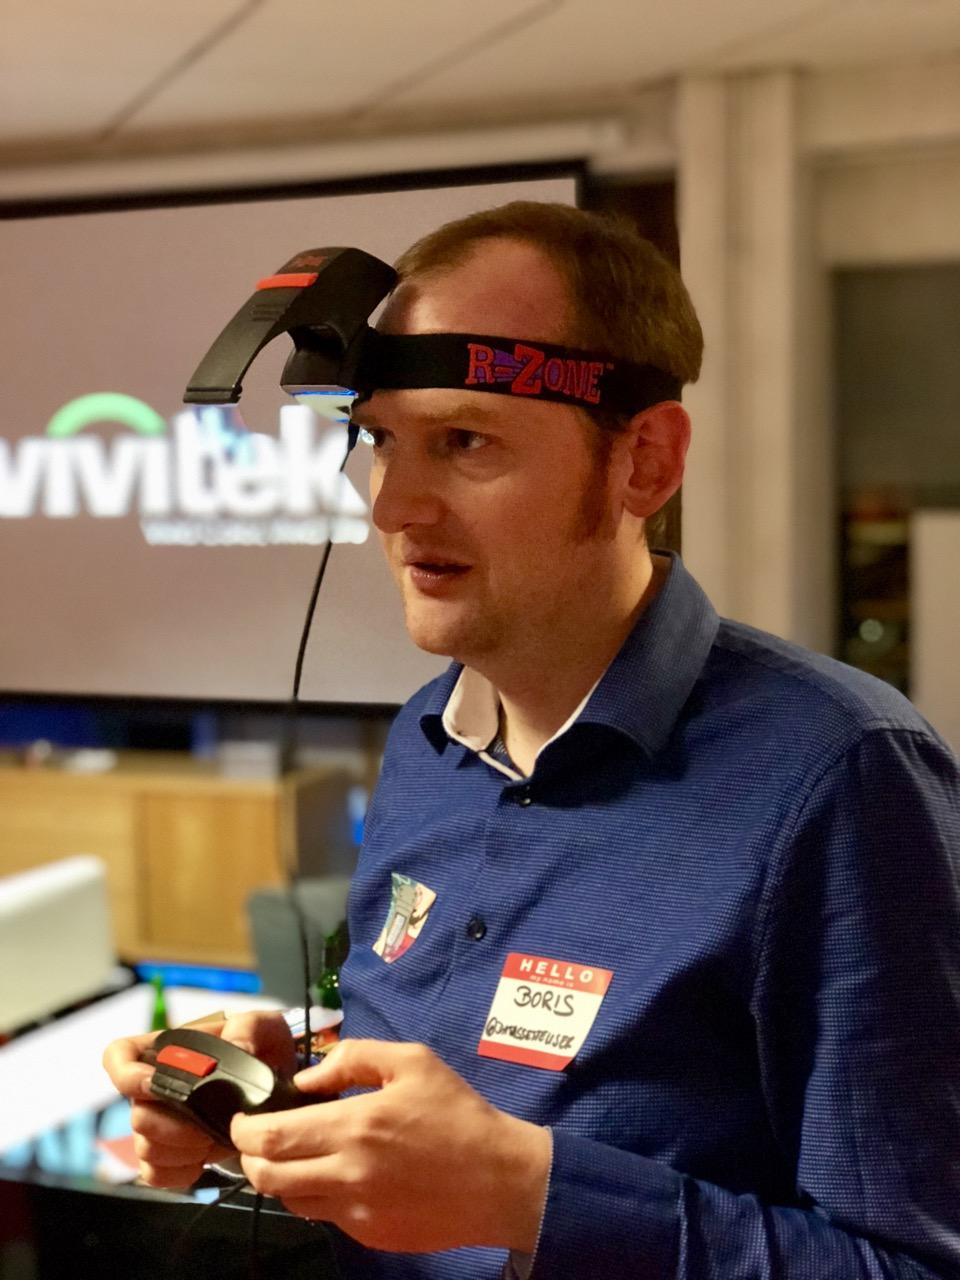 Beim Testen virtueller Peripherie. (Bild: André Eymann)